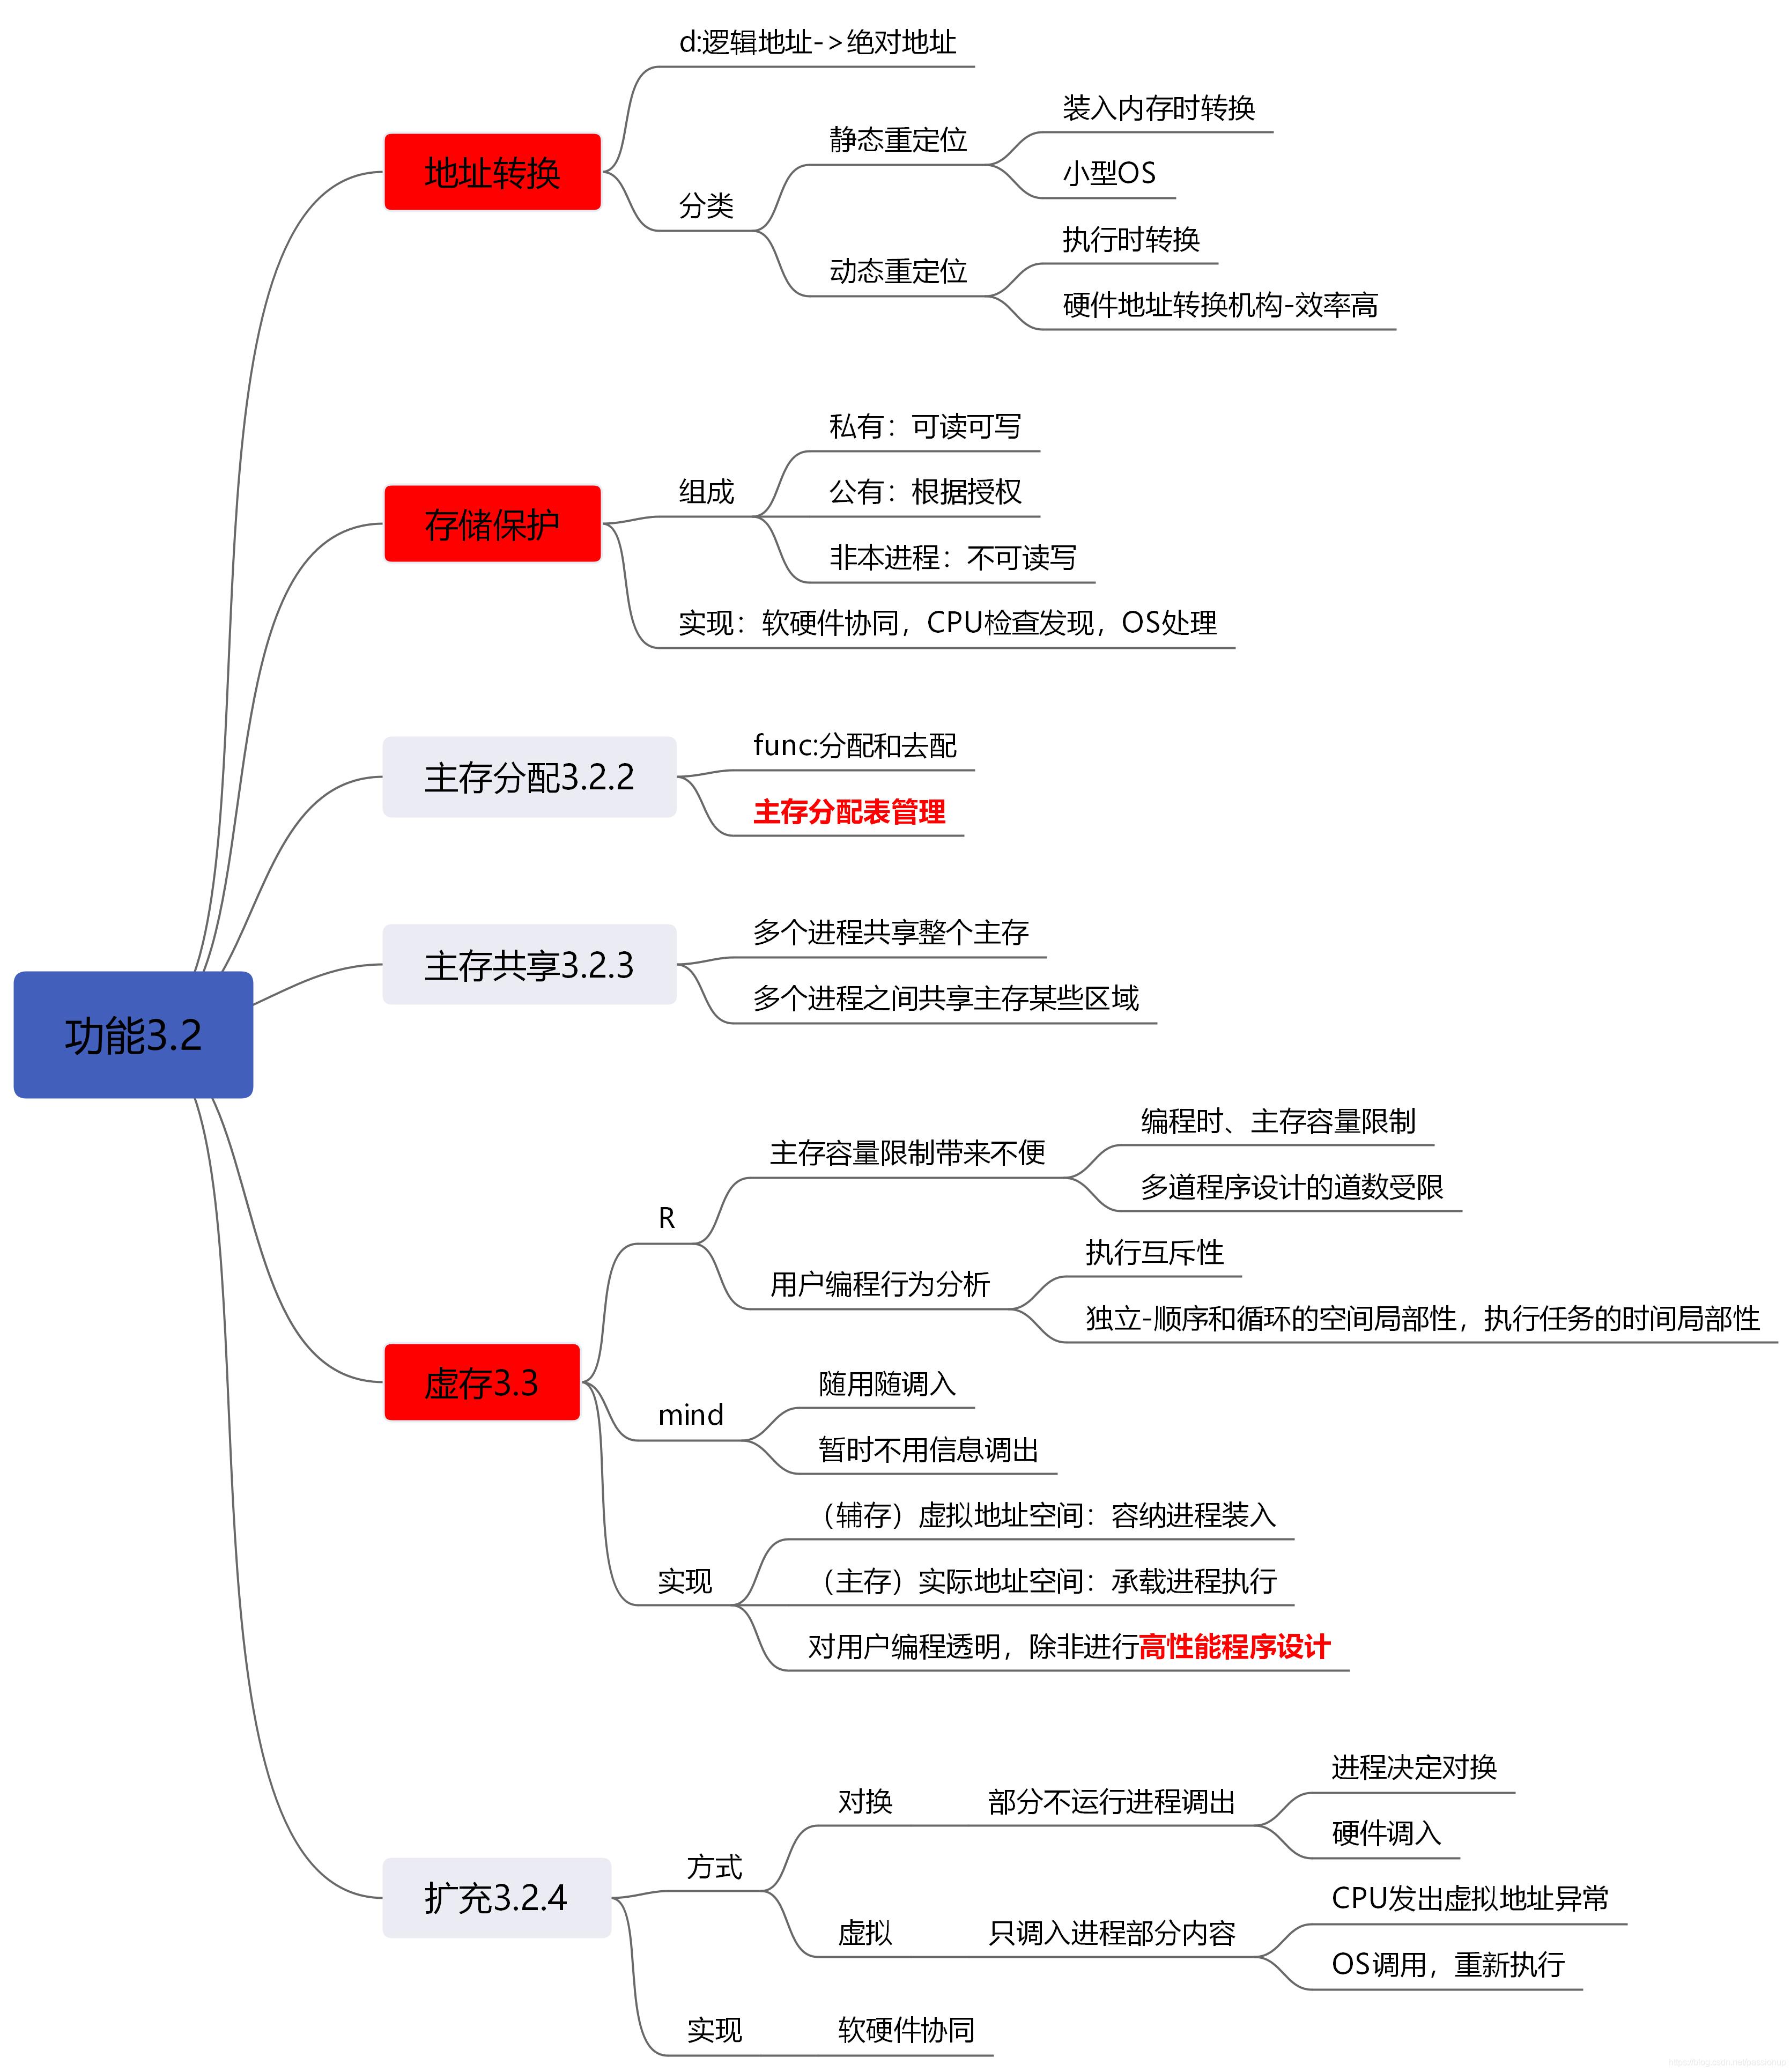 [外链图片转存失败,源站可能有防盗链机制,建议将图片保存下来直接上传(img-egGe6M25-1586102213143)(3_存储管理.assets/功能3.2.png)]